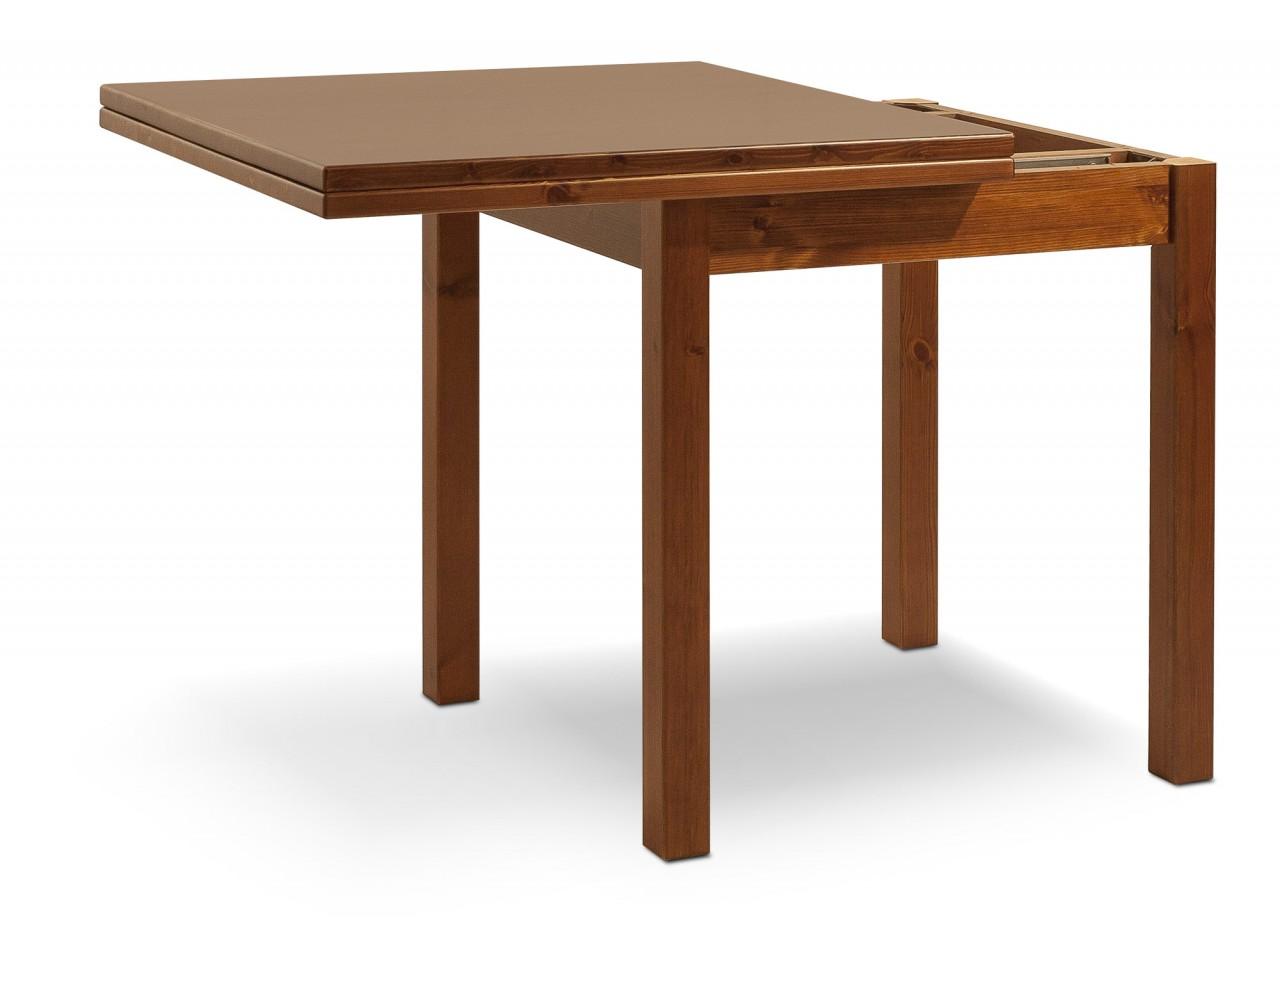 tavoli in pino tavolo a libro 80x80 arredamenti rustici